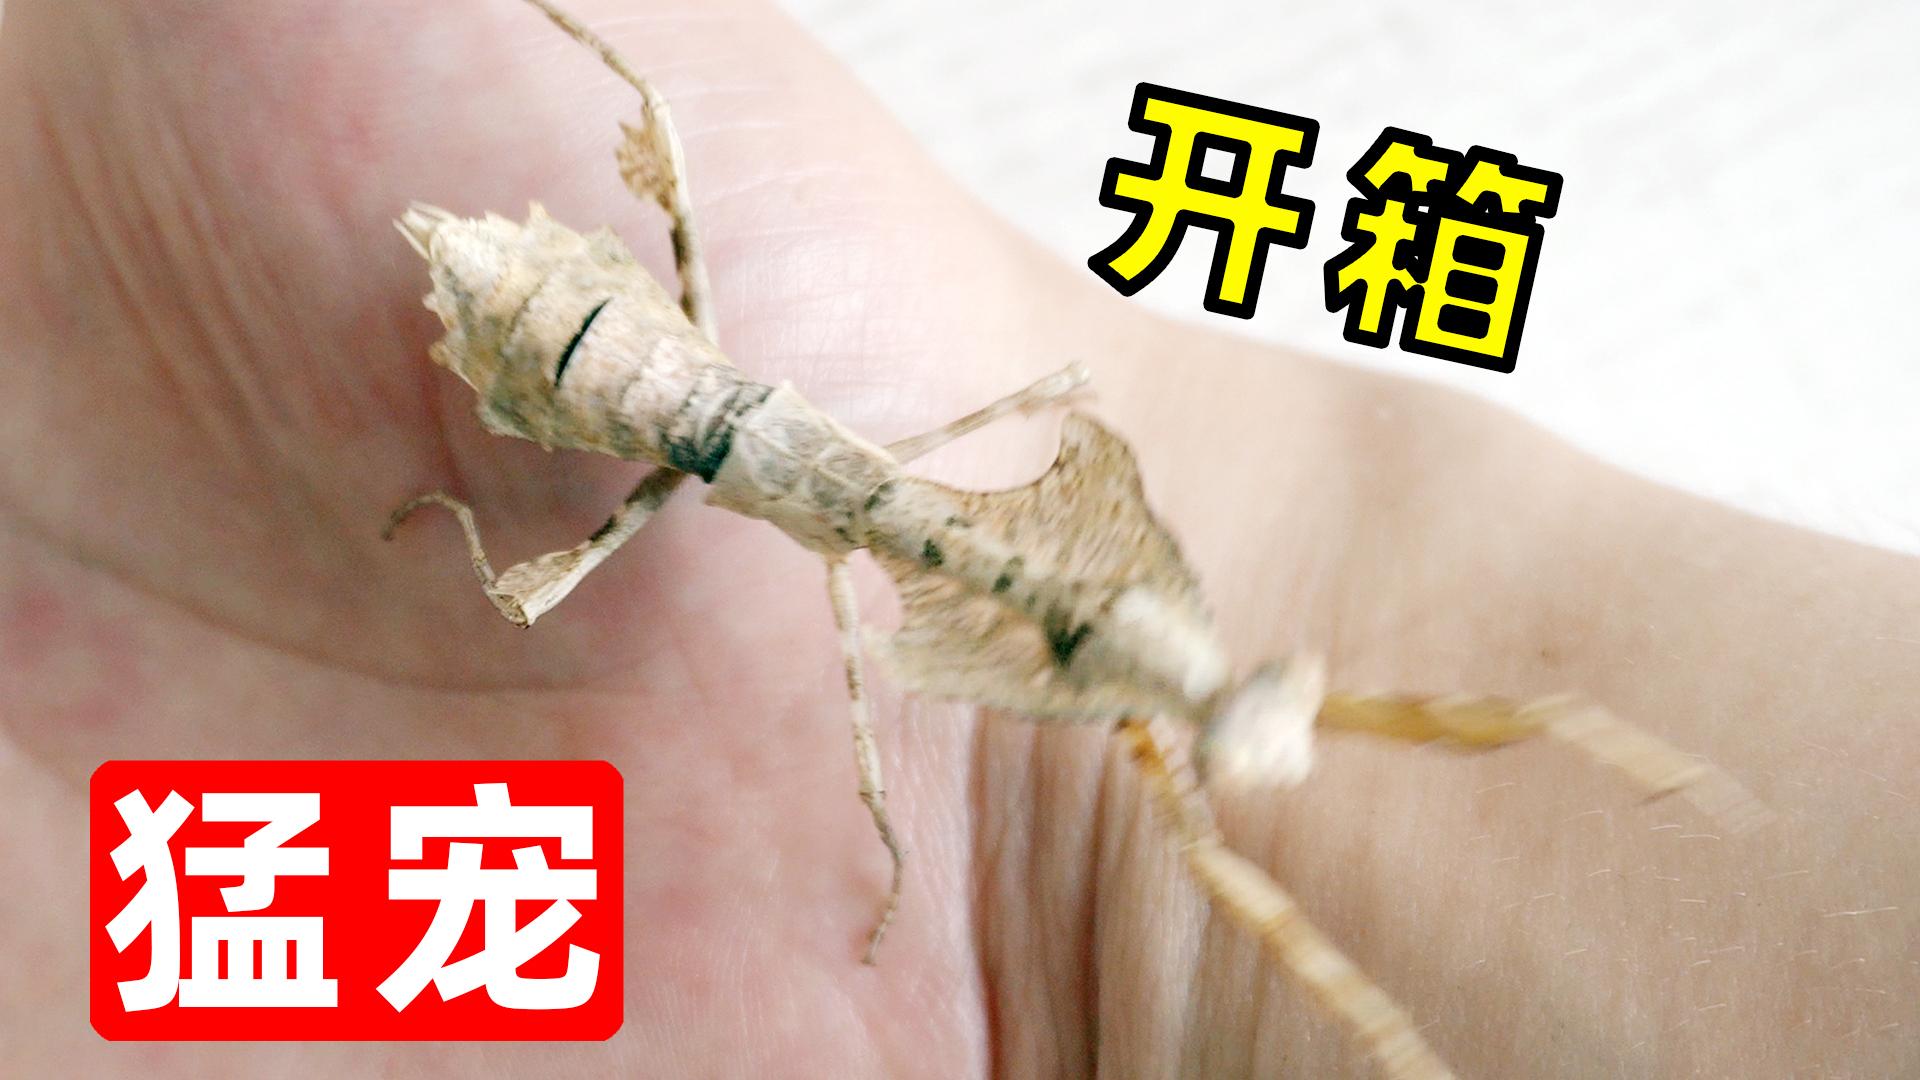 开箱120元网购的螳螂,捕食蟑螂很凶猛!